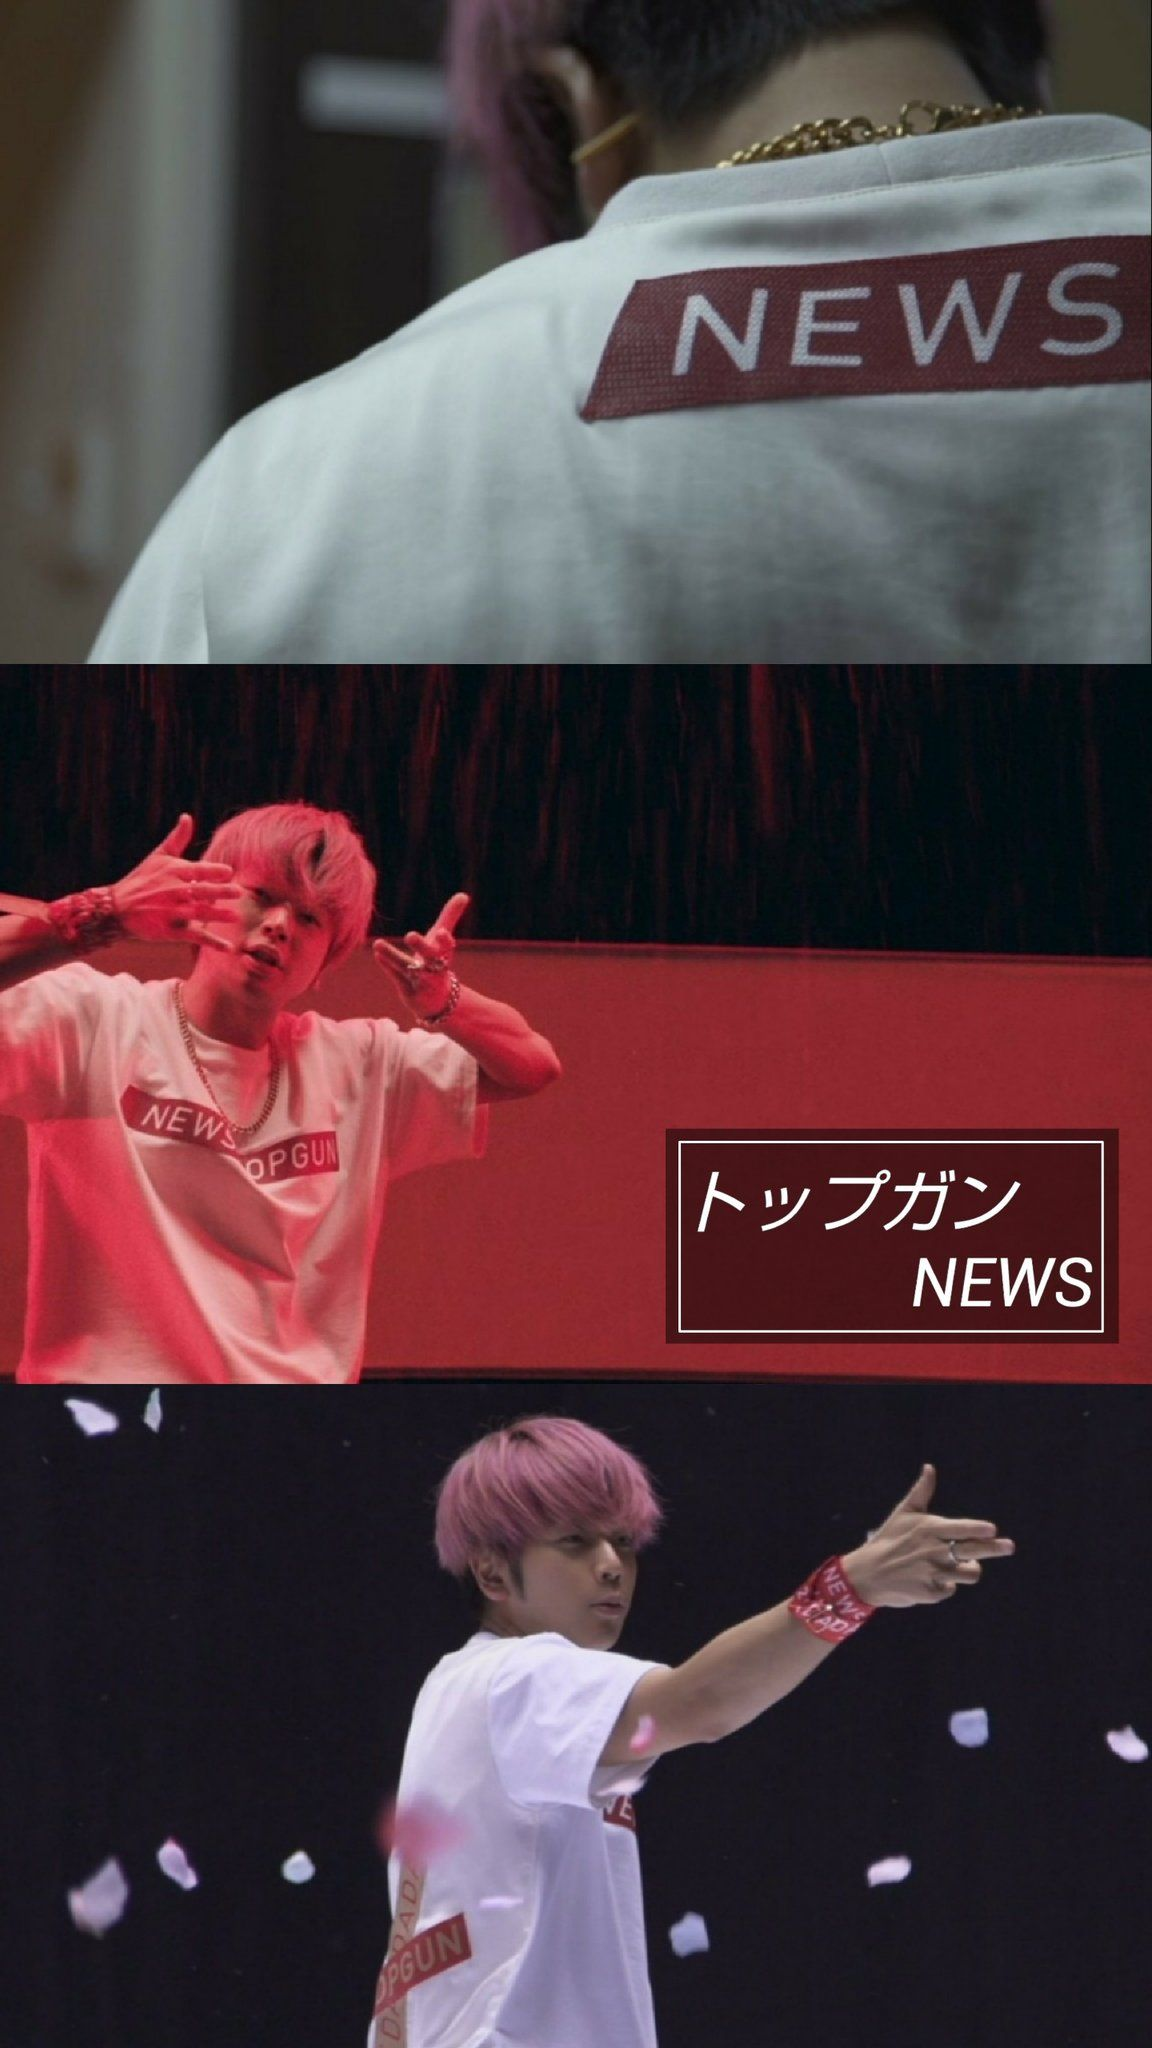 り な News 画像 テゴマス News 増田